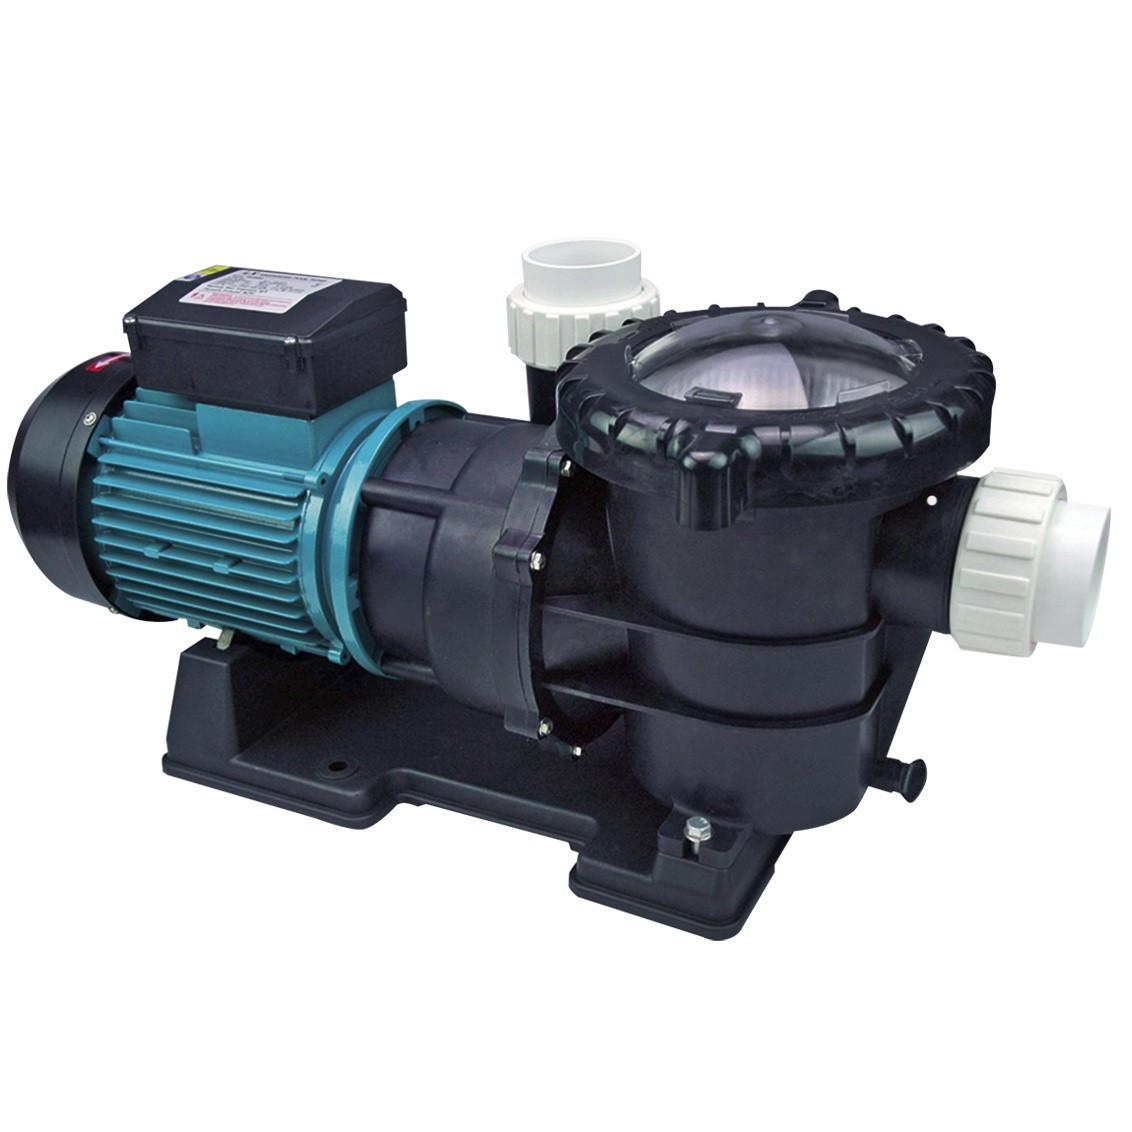 Насос AquaViva LX STP200T/VWS200T 24 м3/ч (2HP, 380В), для бассейнов объёмом до 96 м3